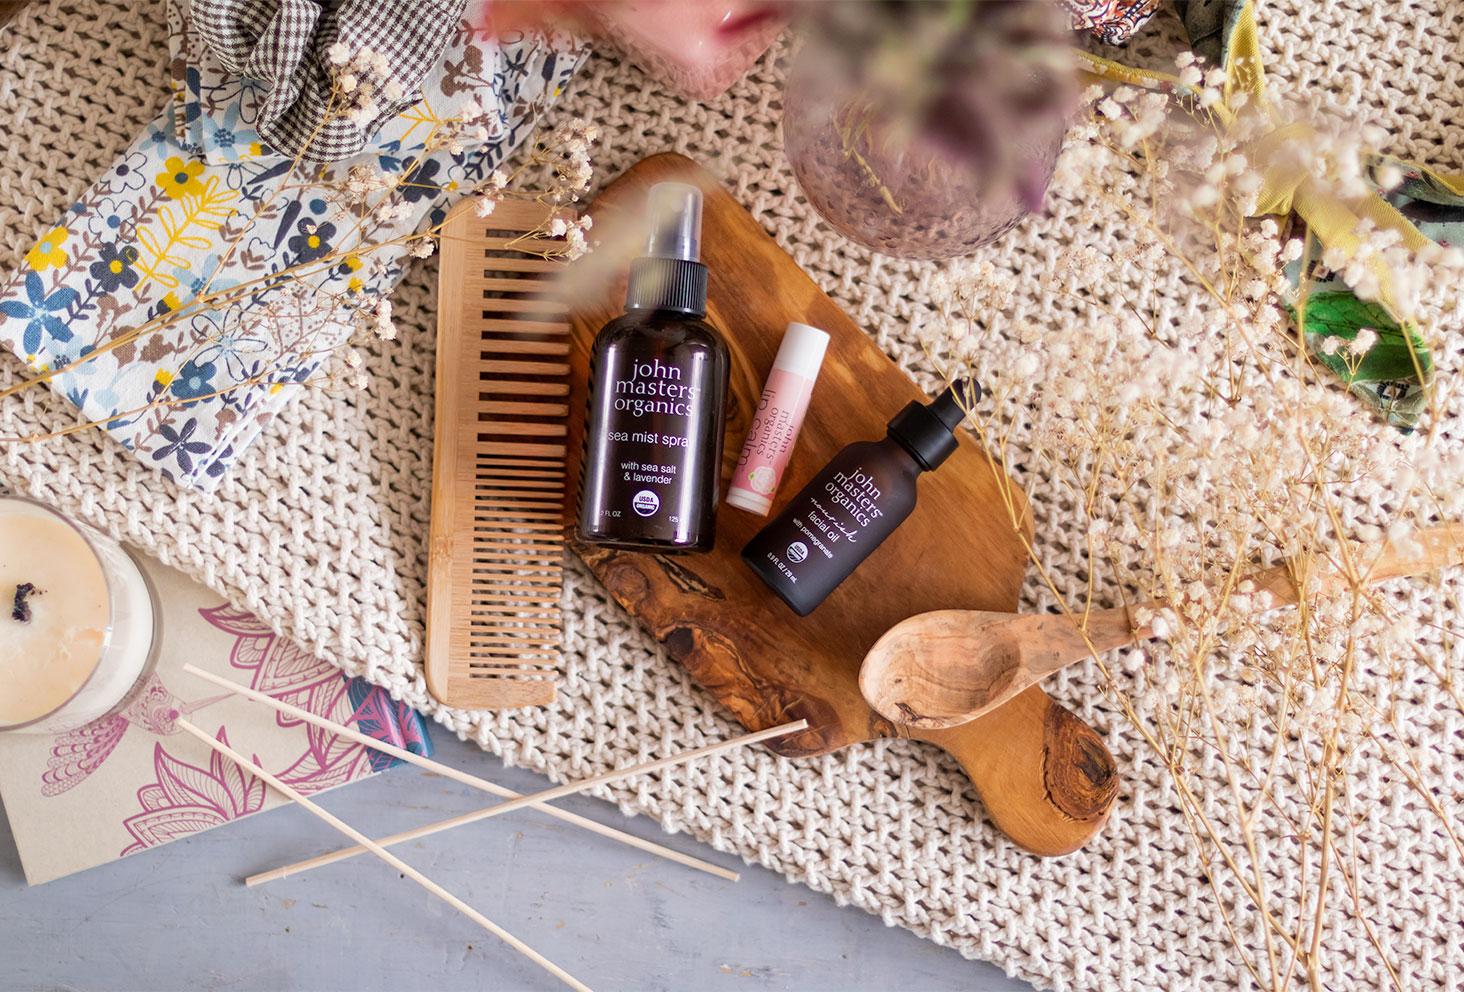 Les soins de John Masters Organics de haut, allongé sur une planche en bois, au milieu d'un décor de salle de bain vintage